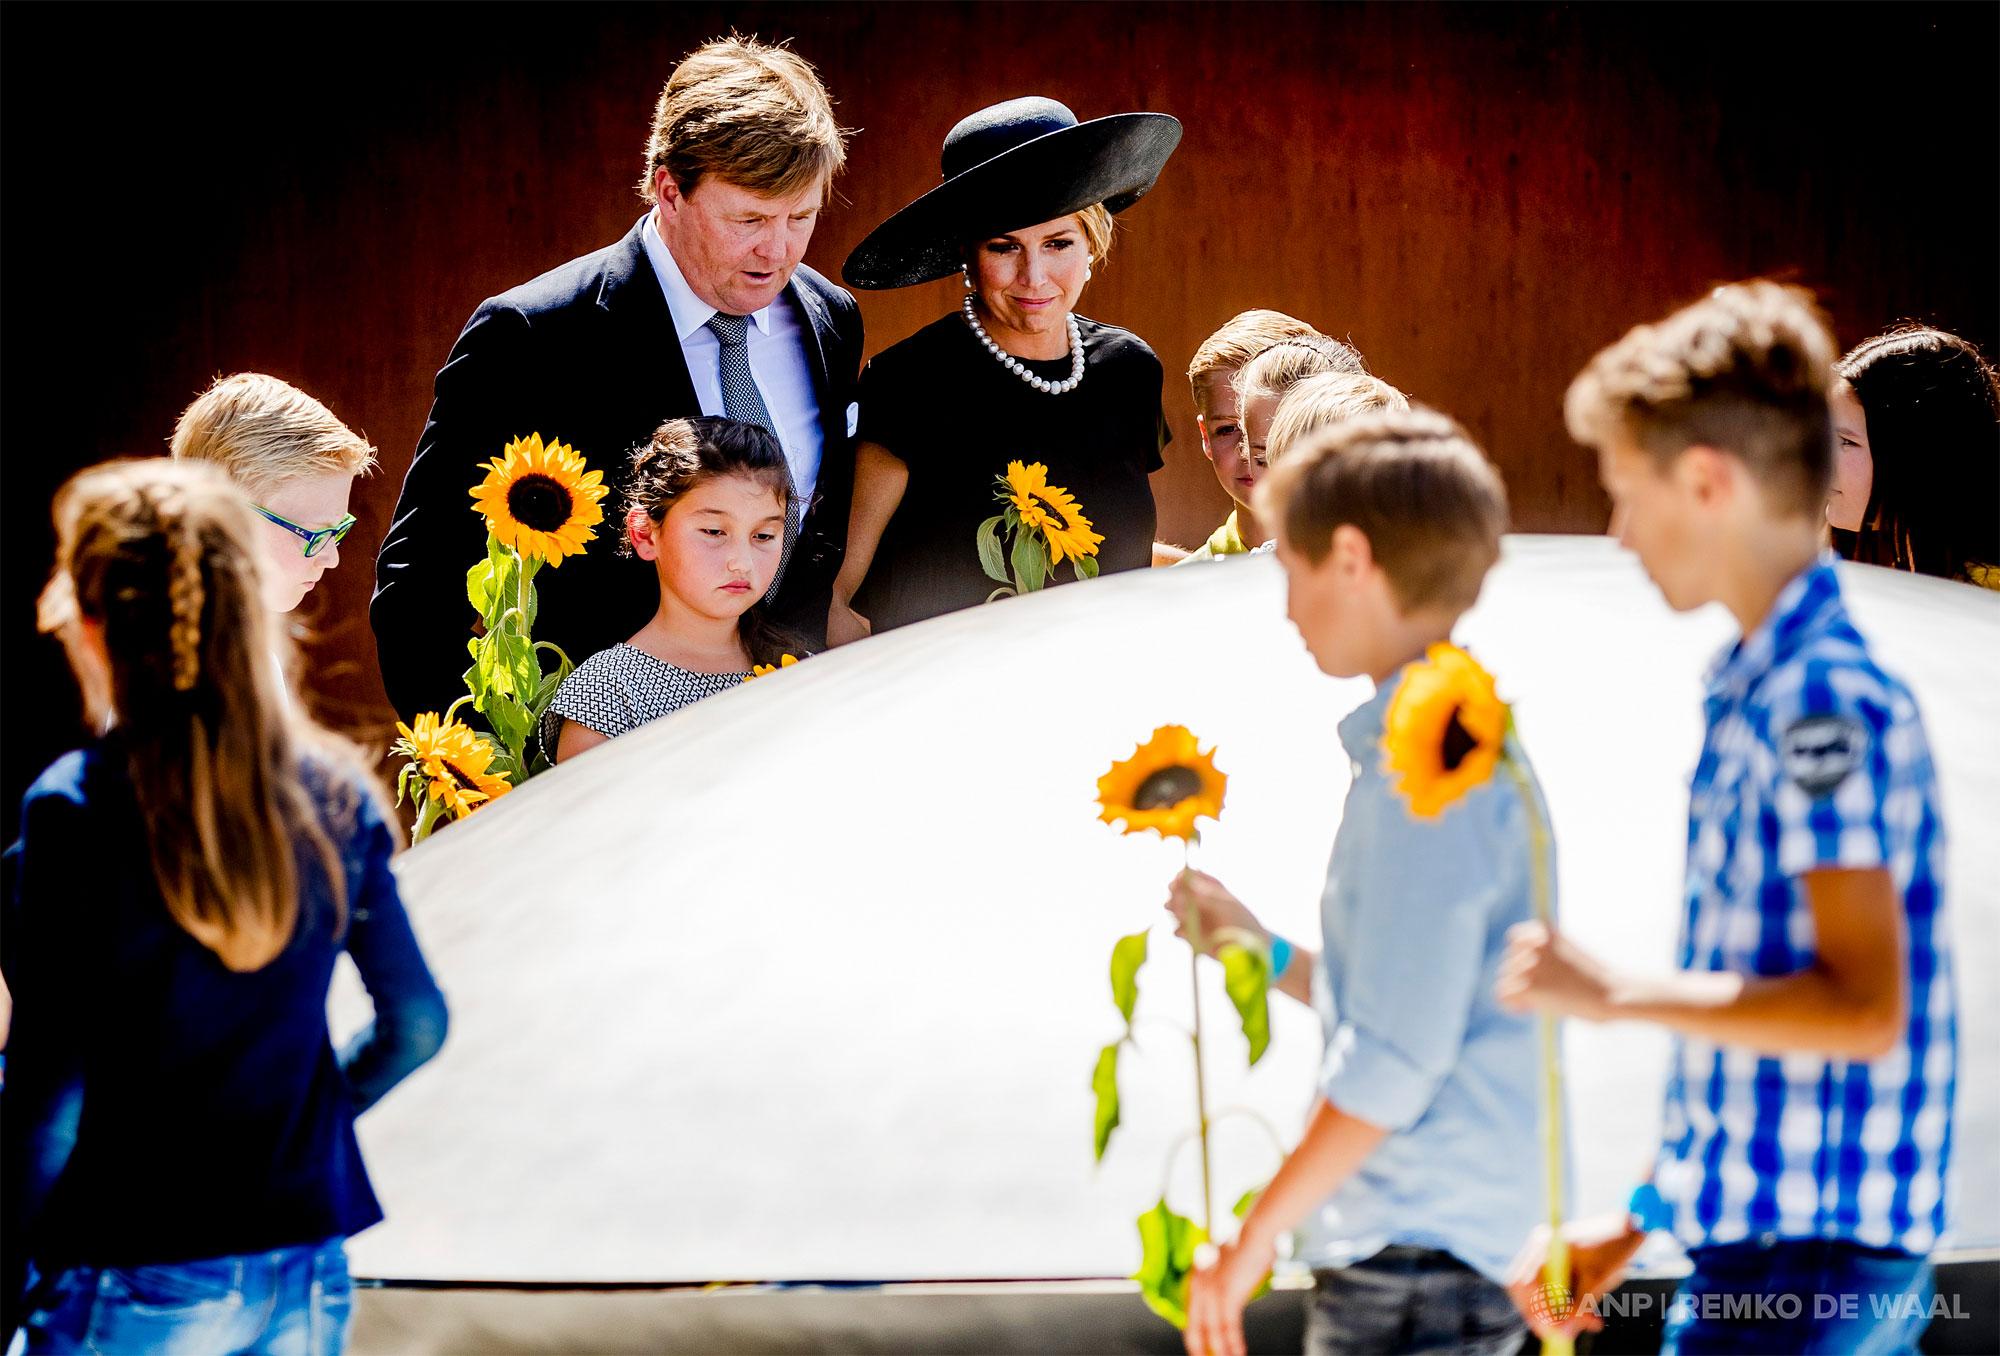 Koning Willem-Alexander en koningin Maxima tijdens de onthulling van het Nationaal Monument MH17.